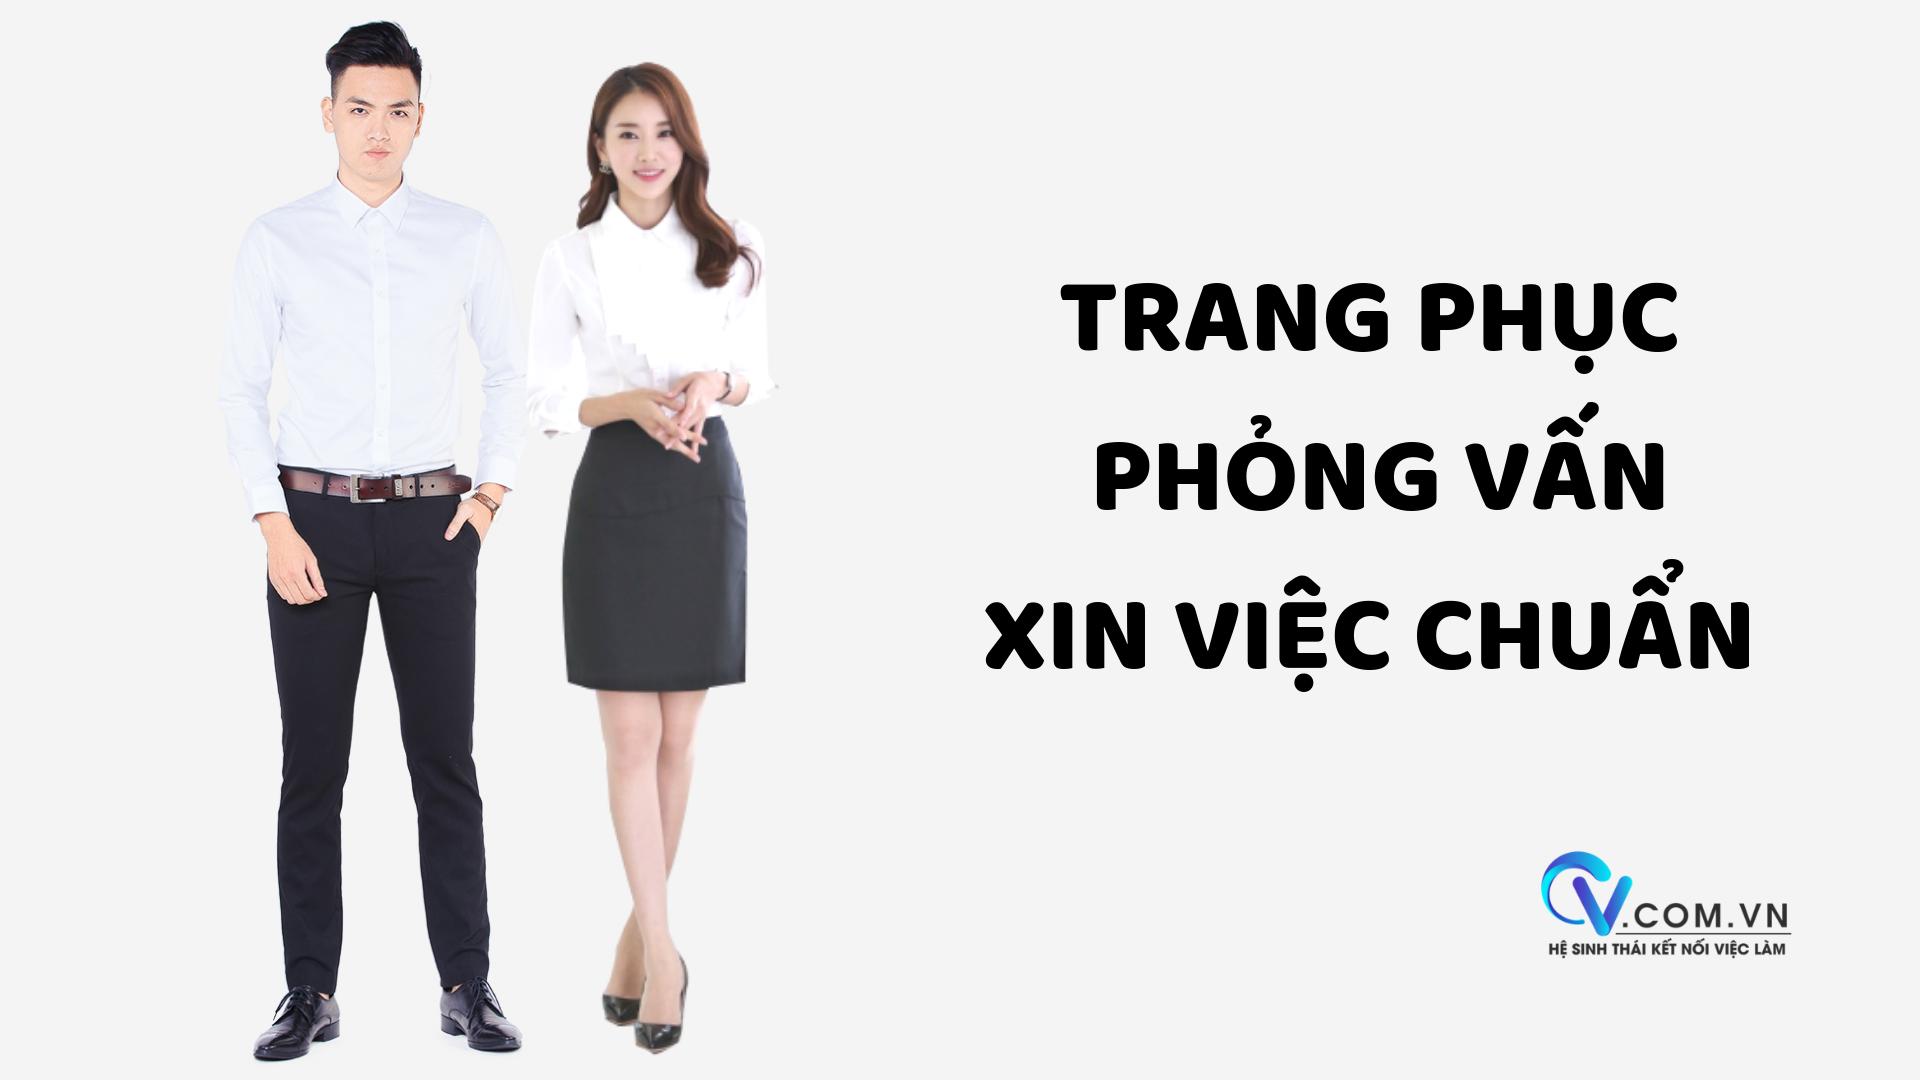 Trang Phuc đi Phong Van Xin Viec Chuan